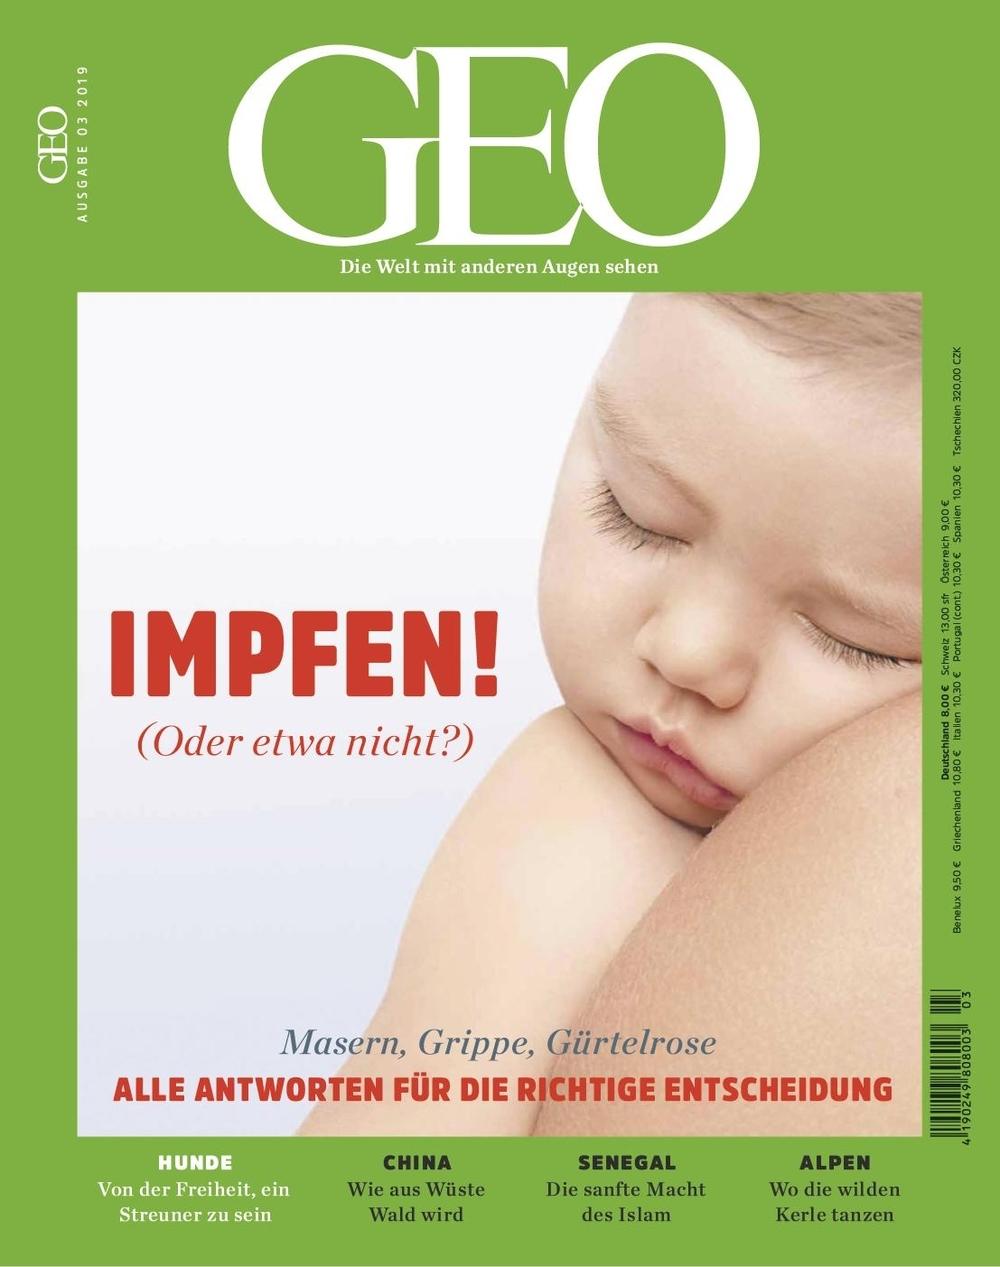 Bildergebnis für geo titel impfen